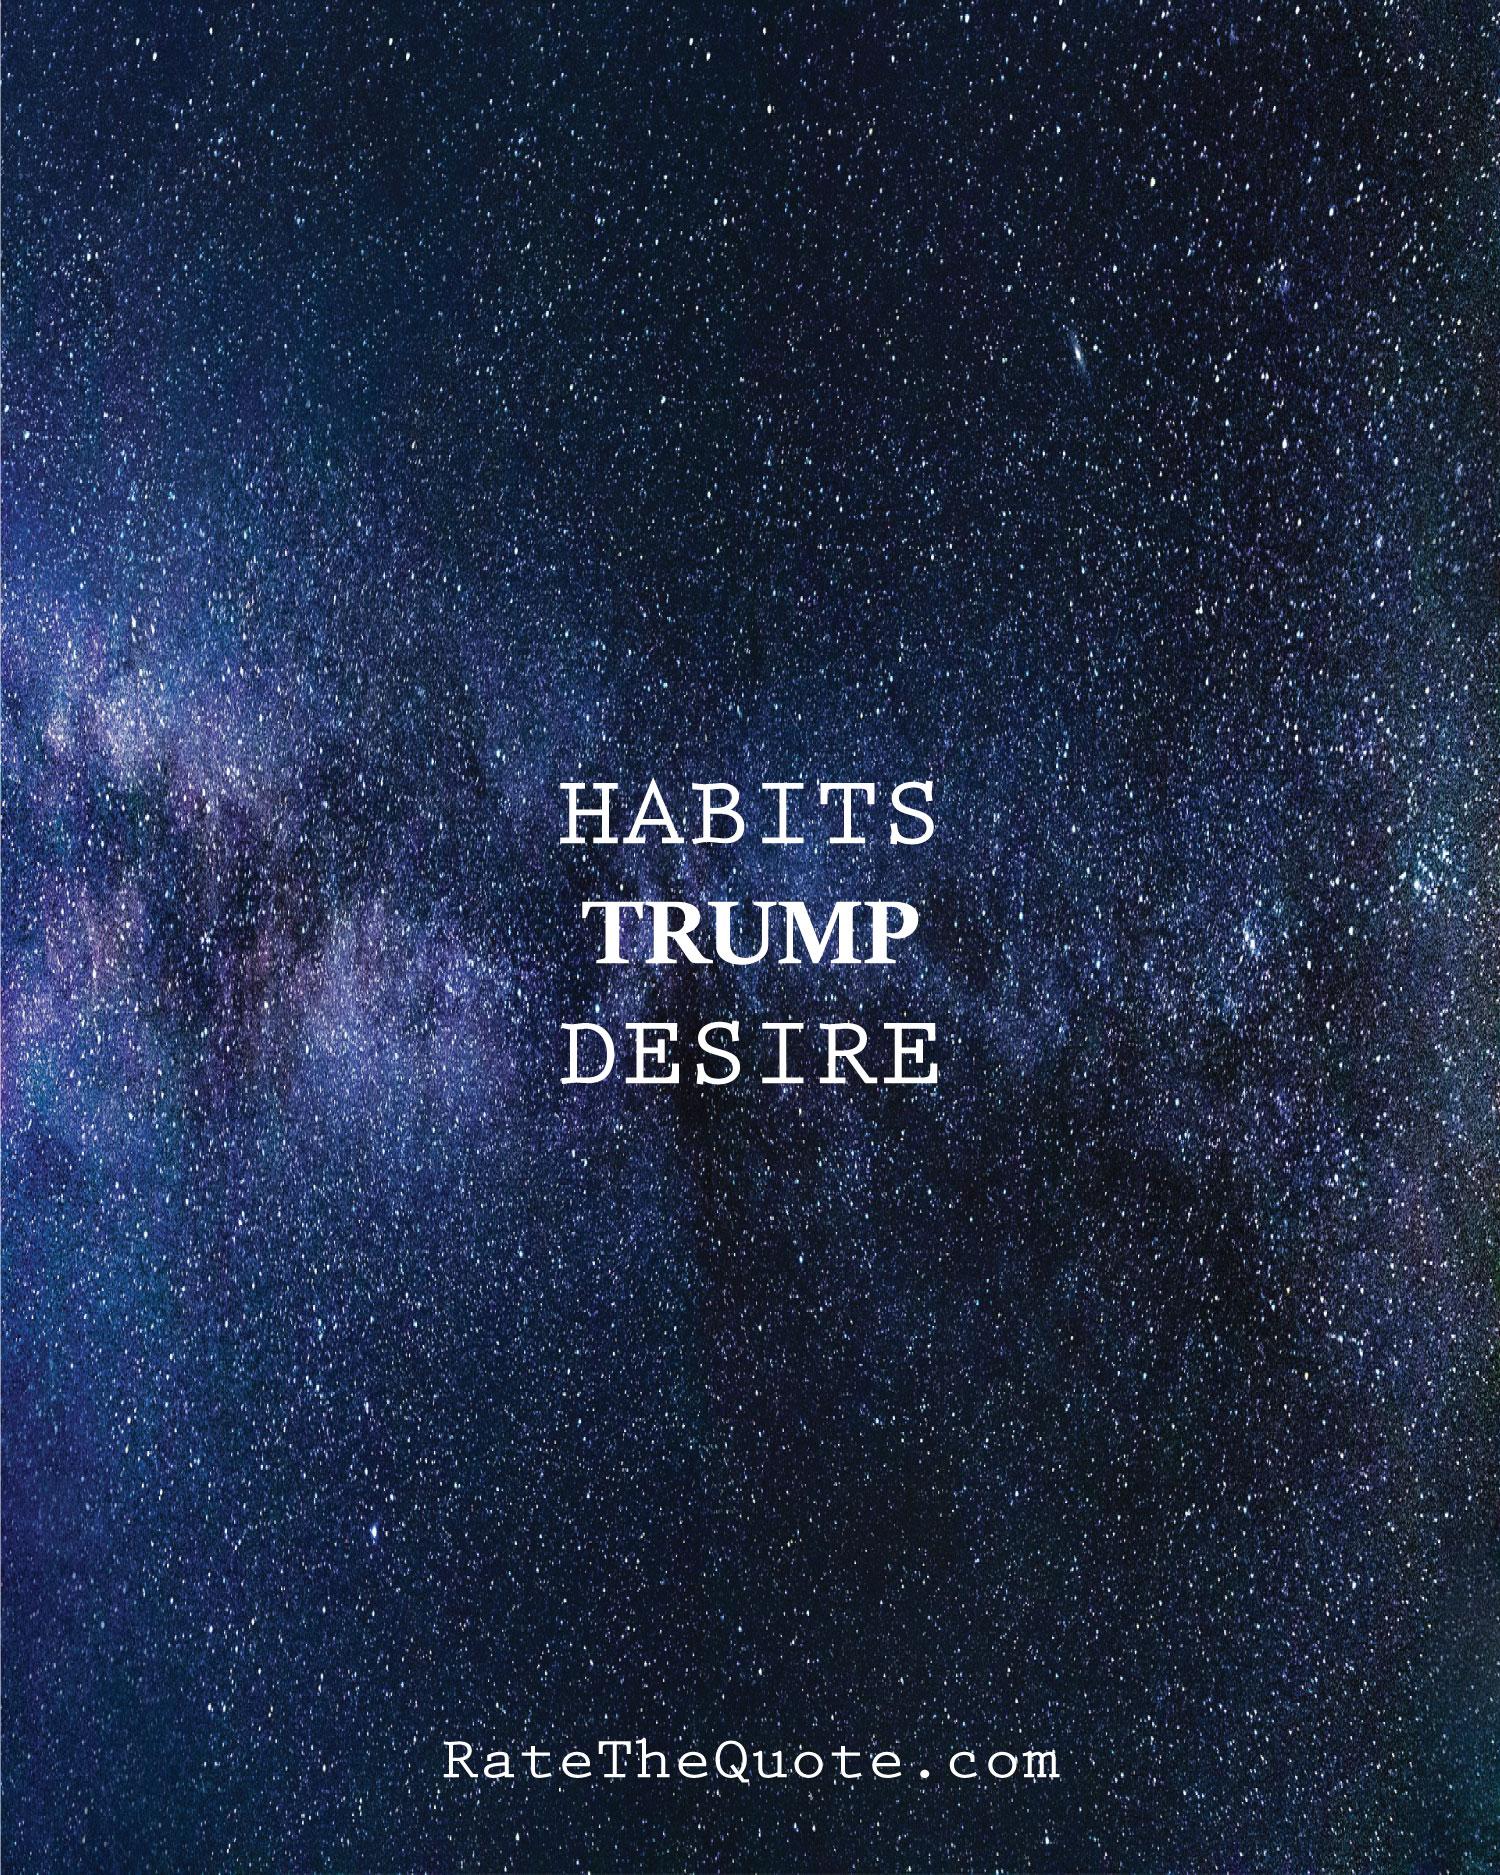 HABITS TRUMP DESIRE.